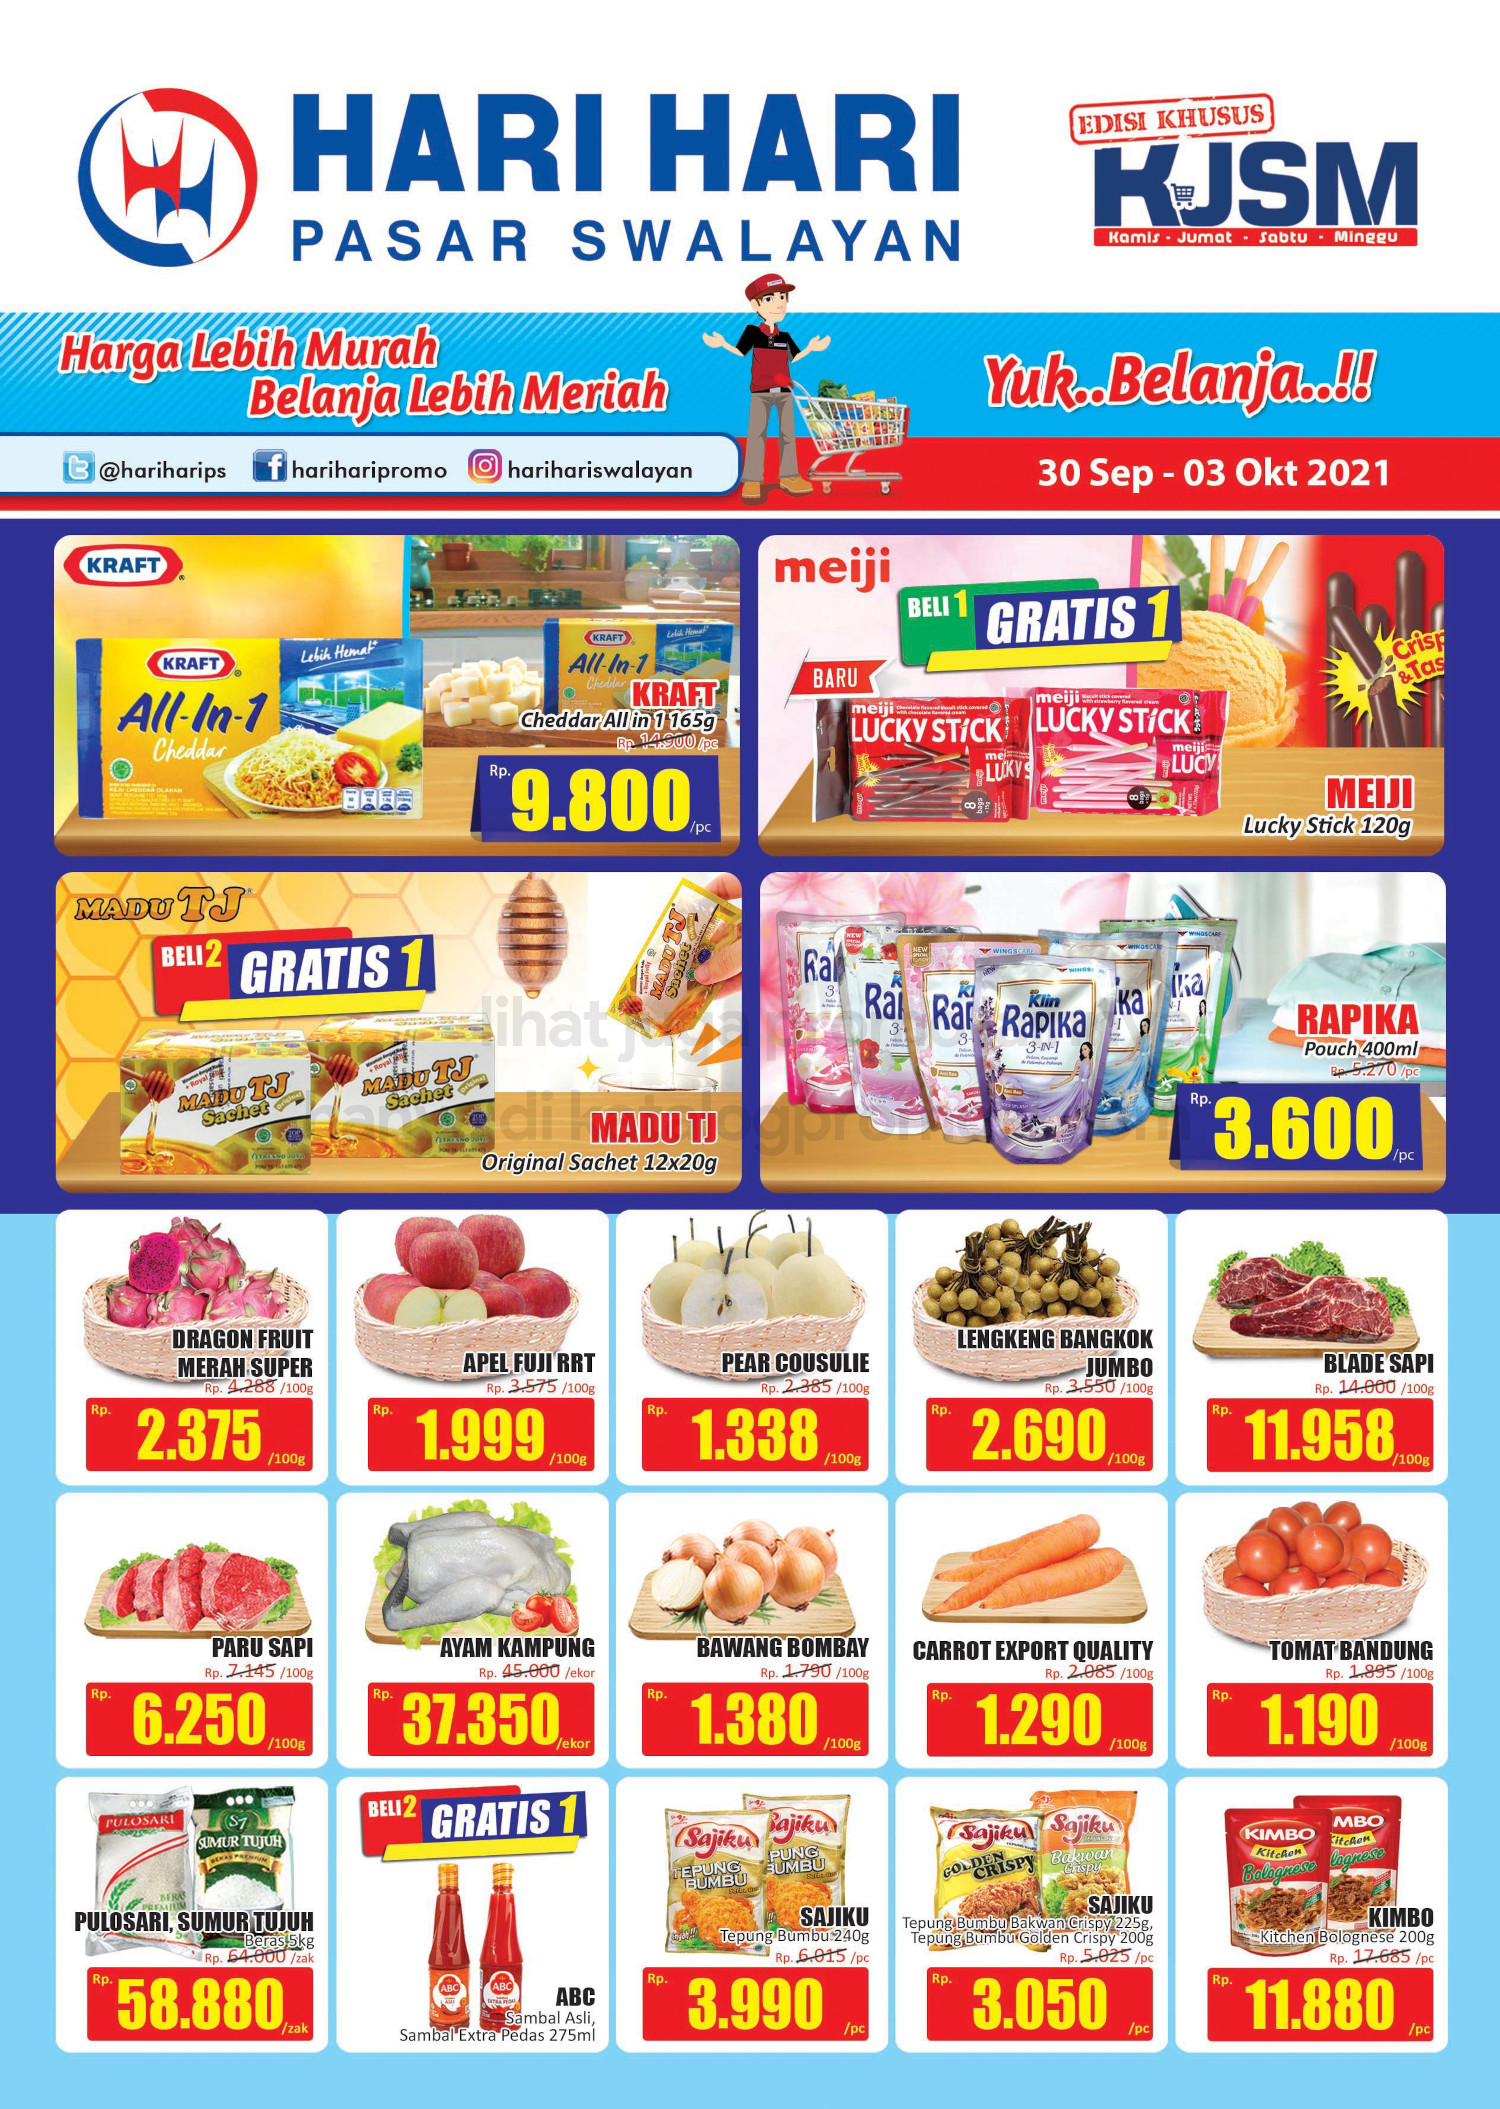 Promo Hari Hari Pasar Swalayan Weekend JSM Periode 30 September - 03 Oktober 2021